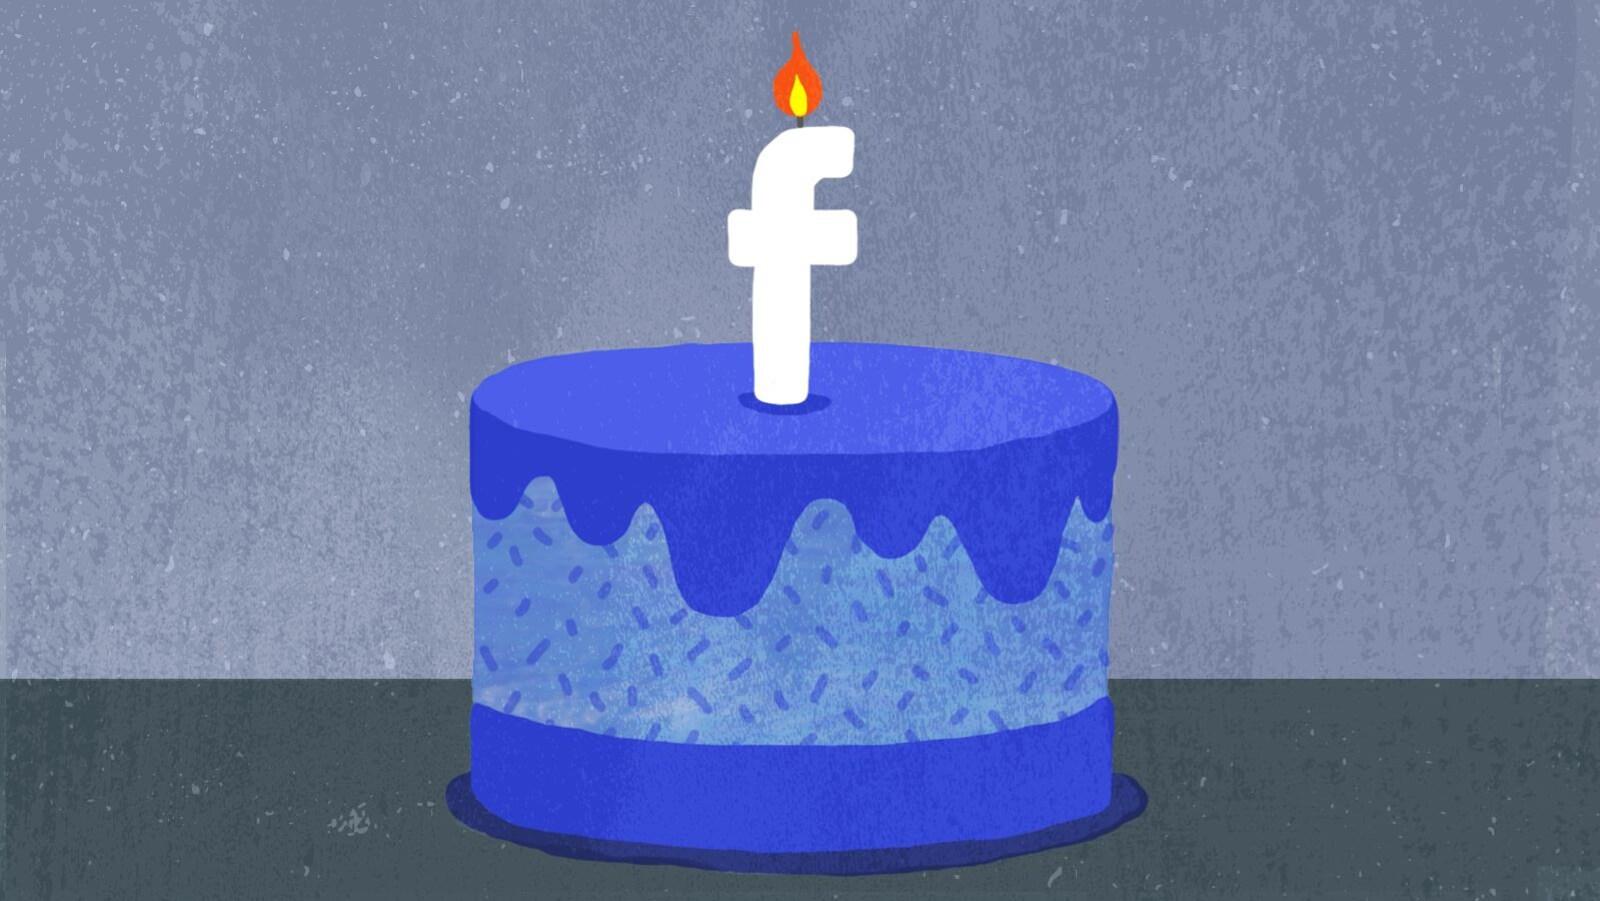 Un gâteau d'anniversaire surmonté d'une chandelle en forme du logo du réseau social Facebook.